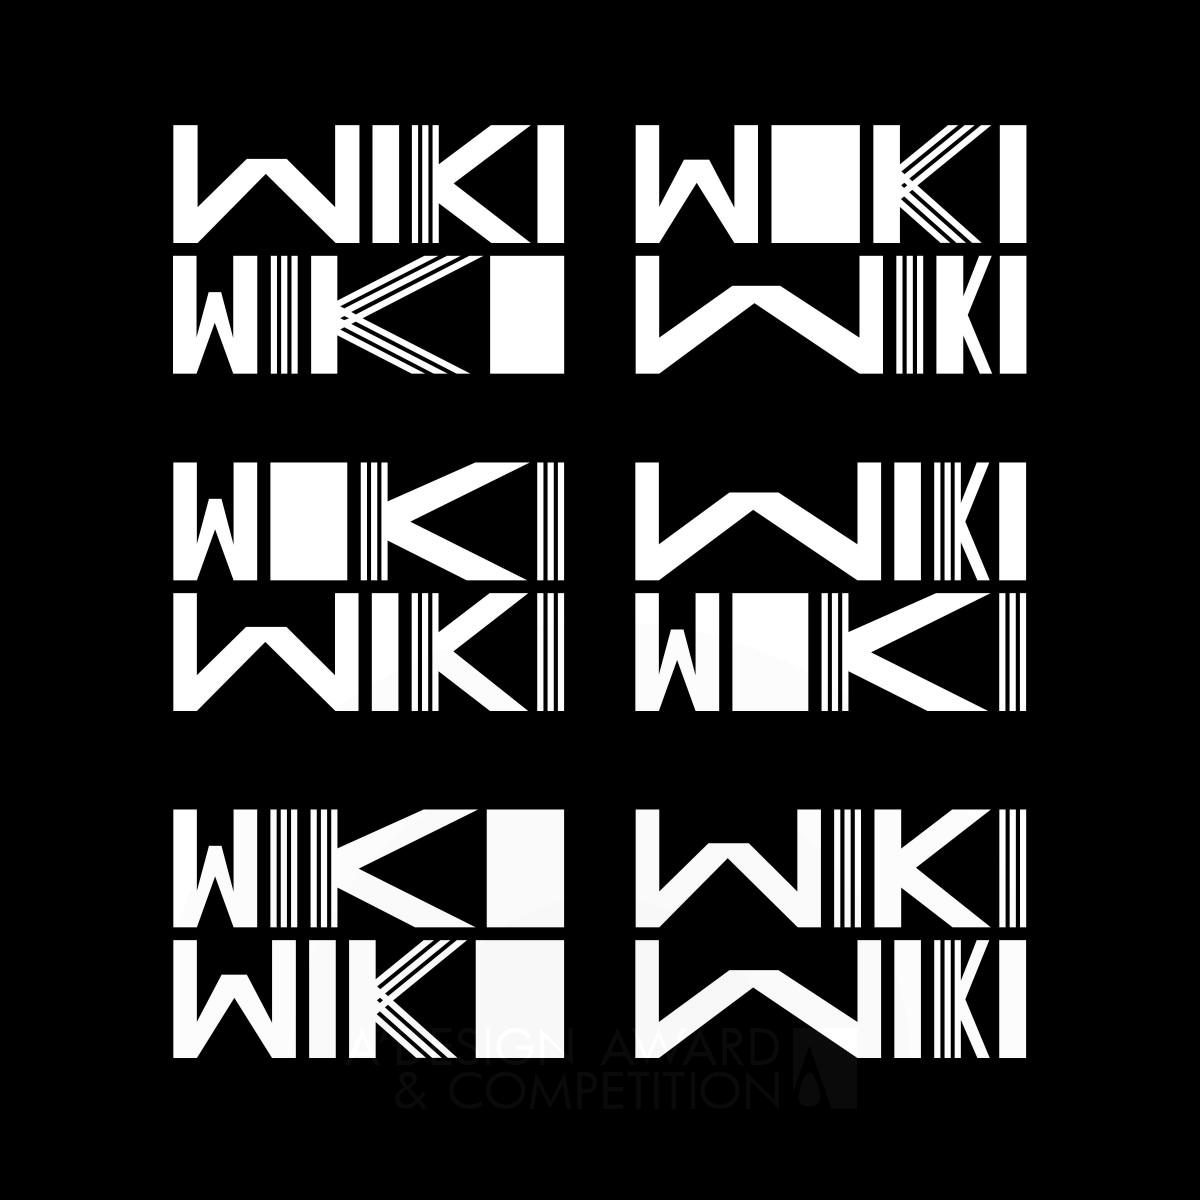 WikiWiki Poke Shop Branding